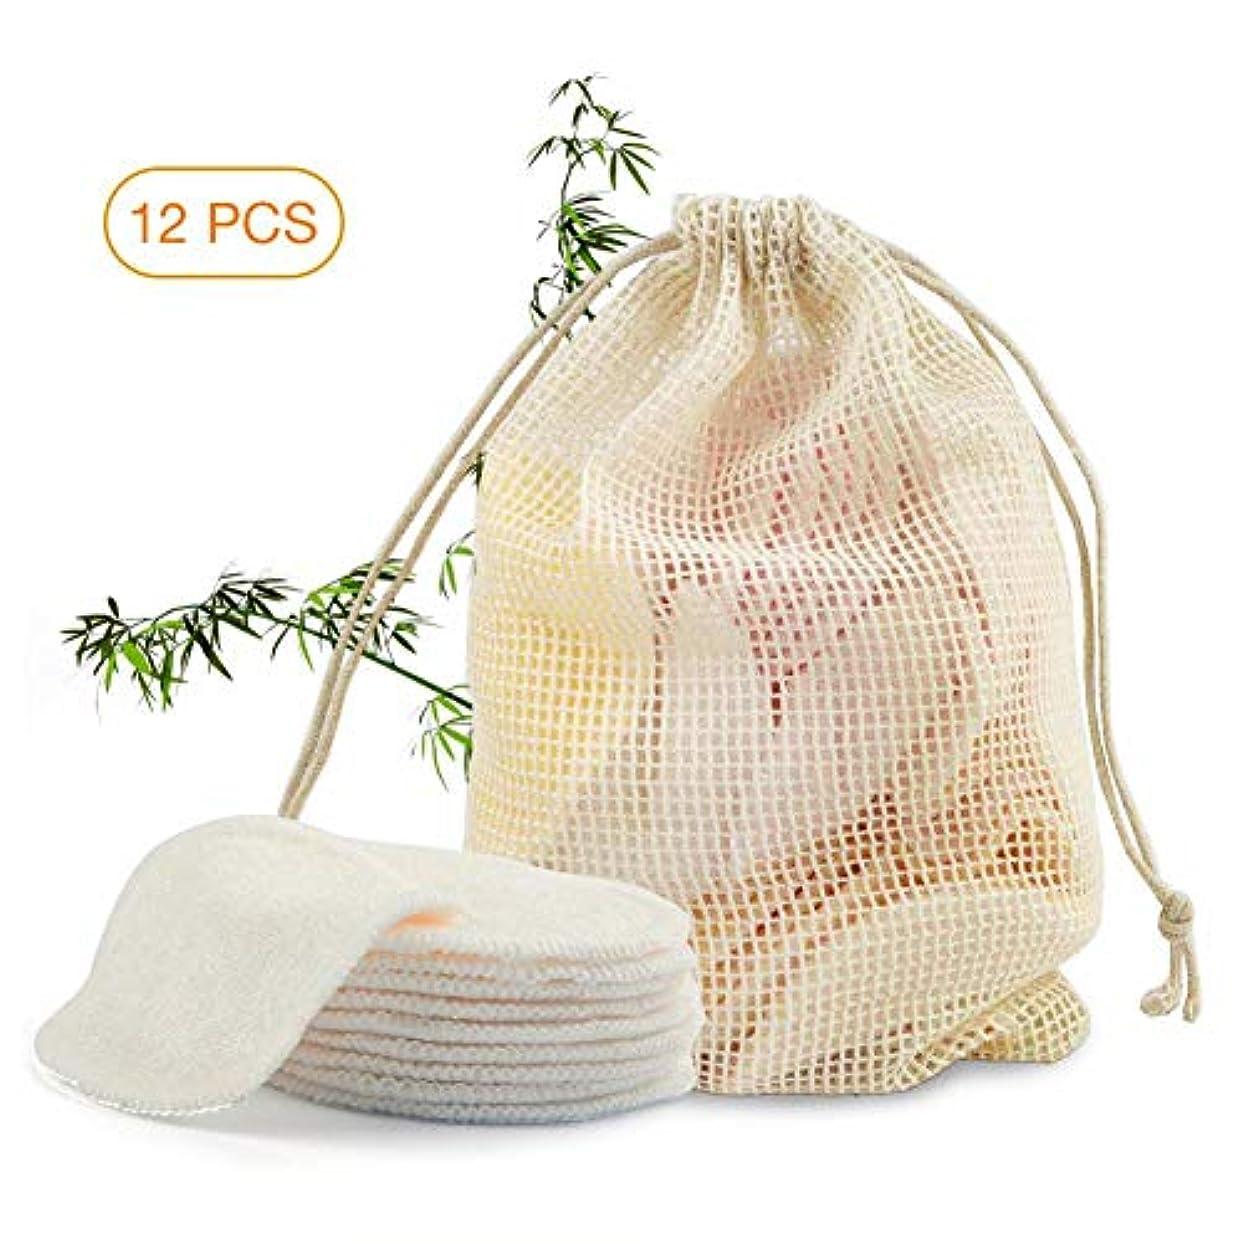 密度ワーム縁クレンジングシート 天然繊維素材 柔らかい バッグ付き 安全 非毒性 再利用可能 交換可能 旅行用